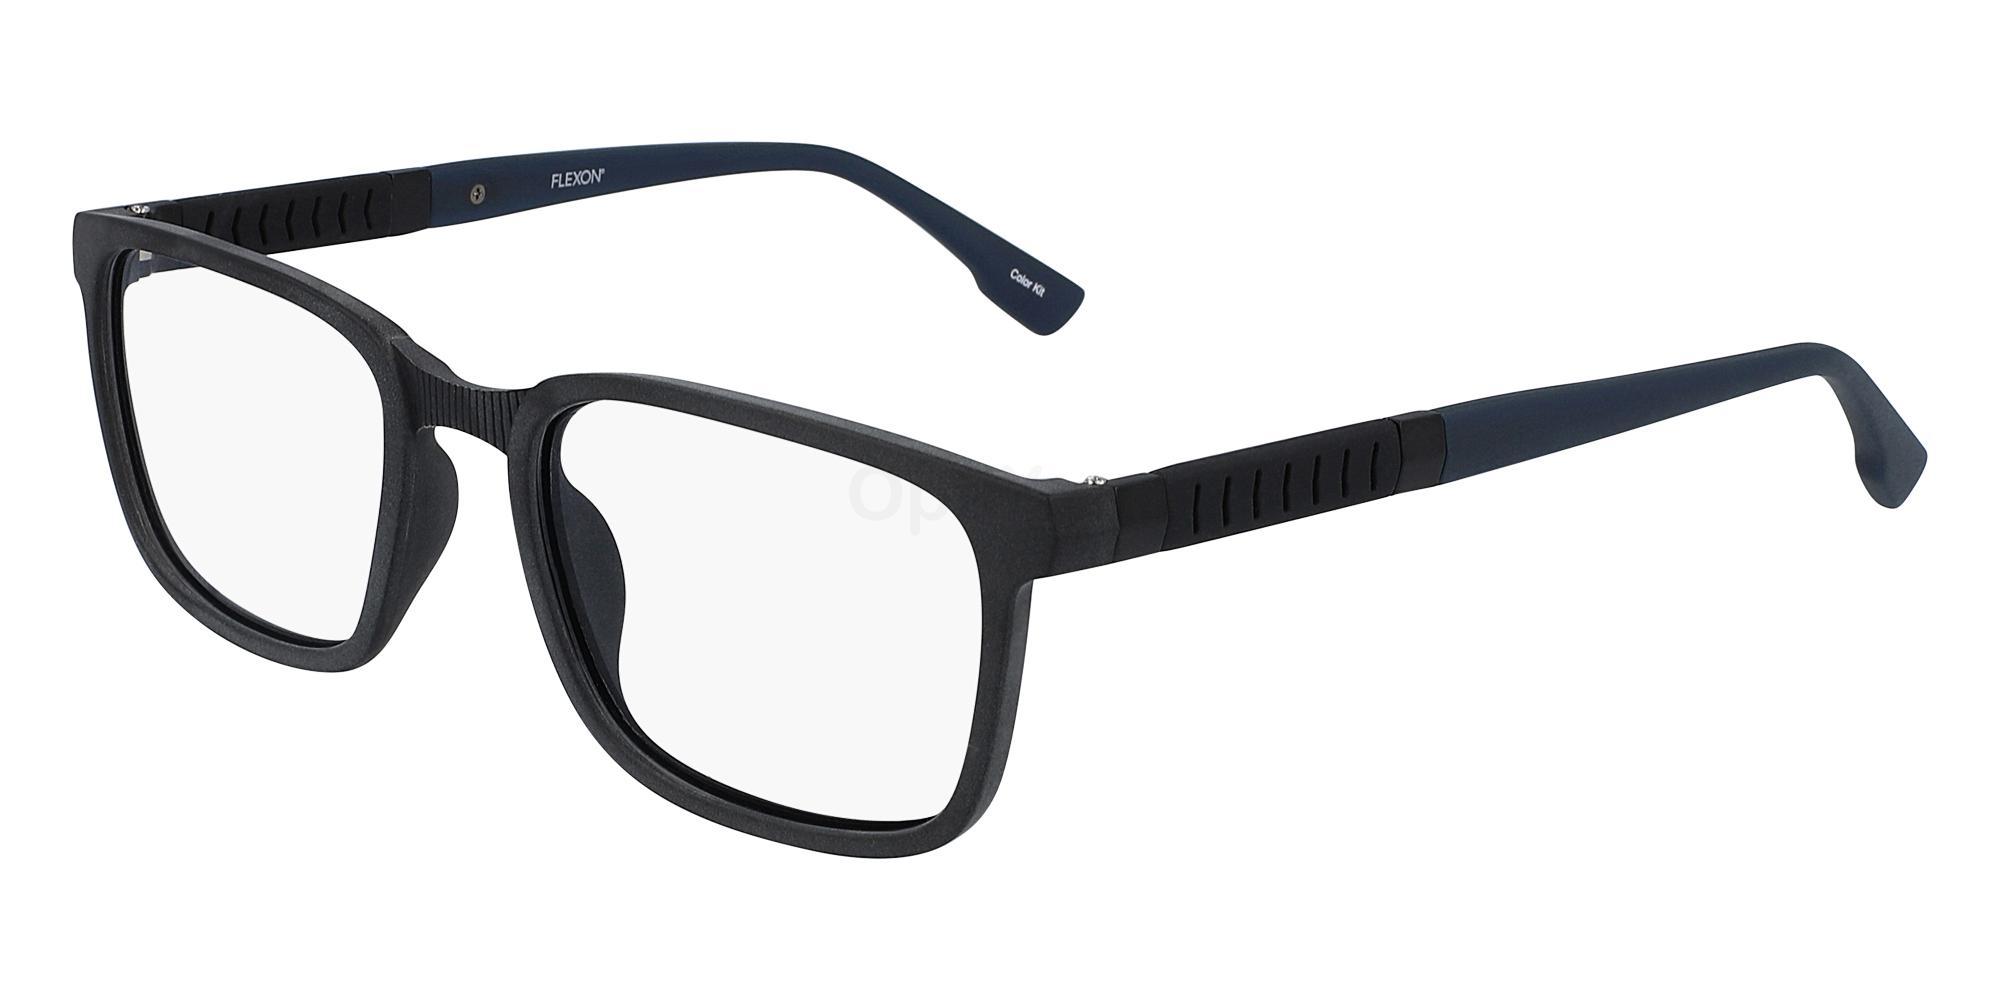 001 FLEXON E1116 Glasses, Flexon